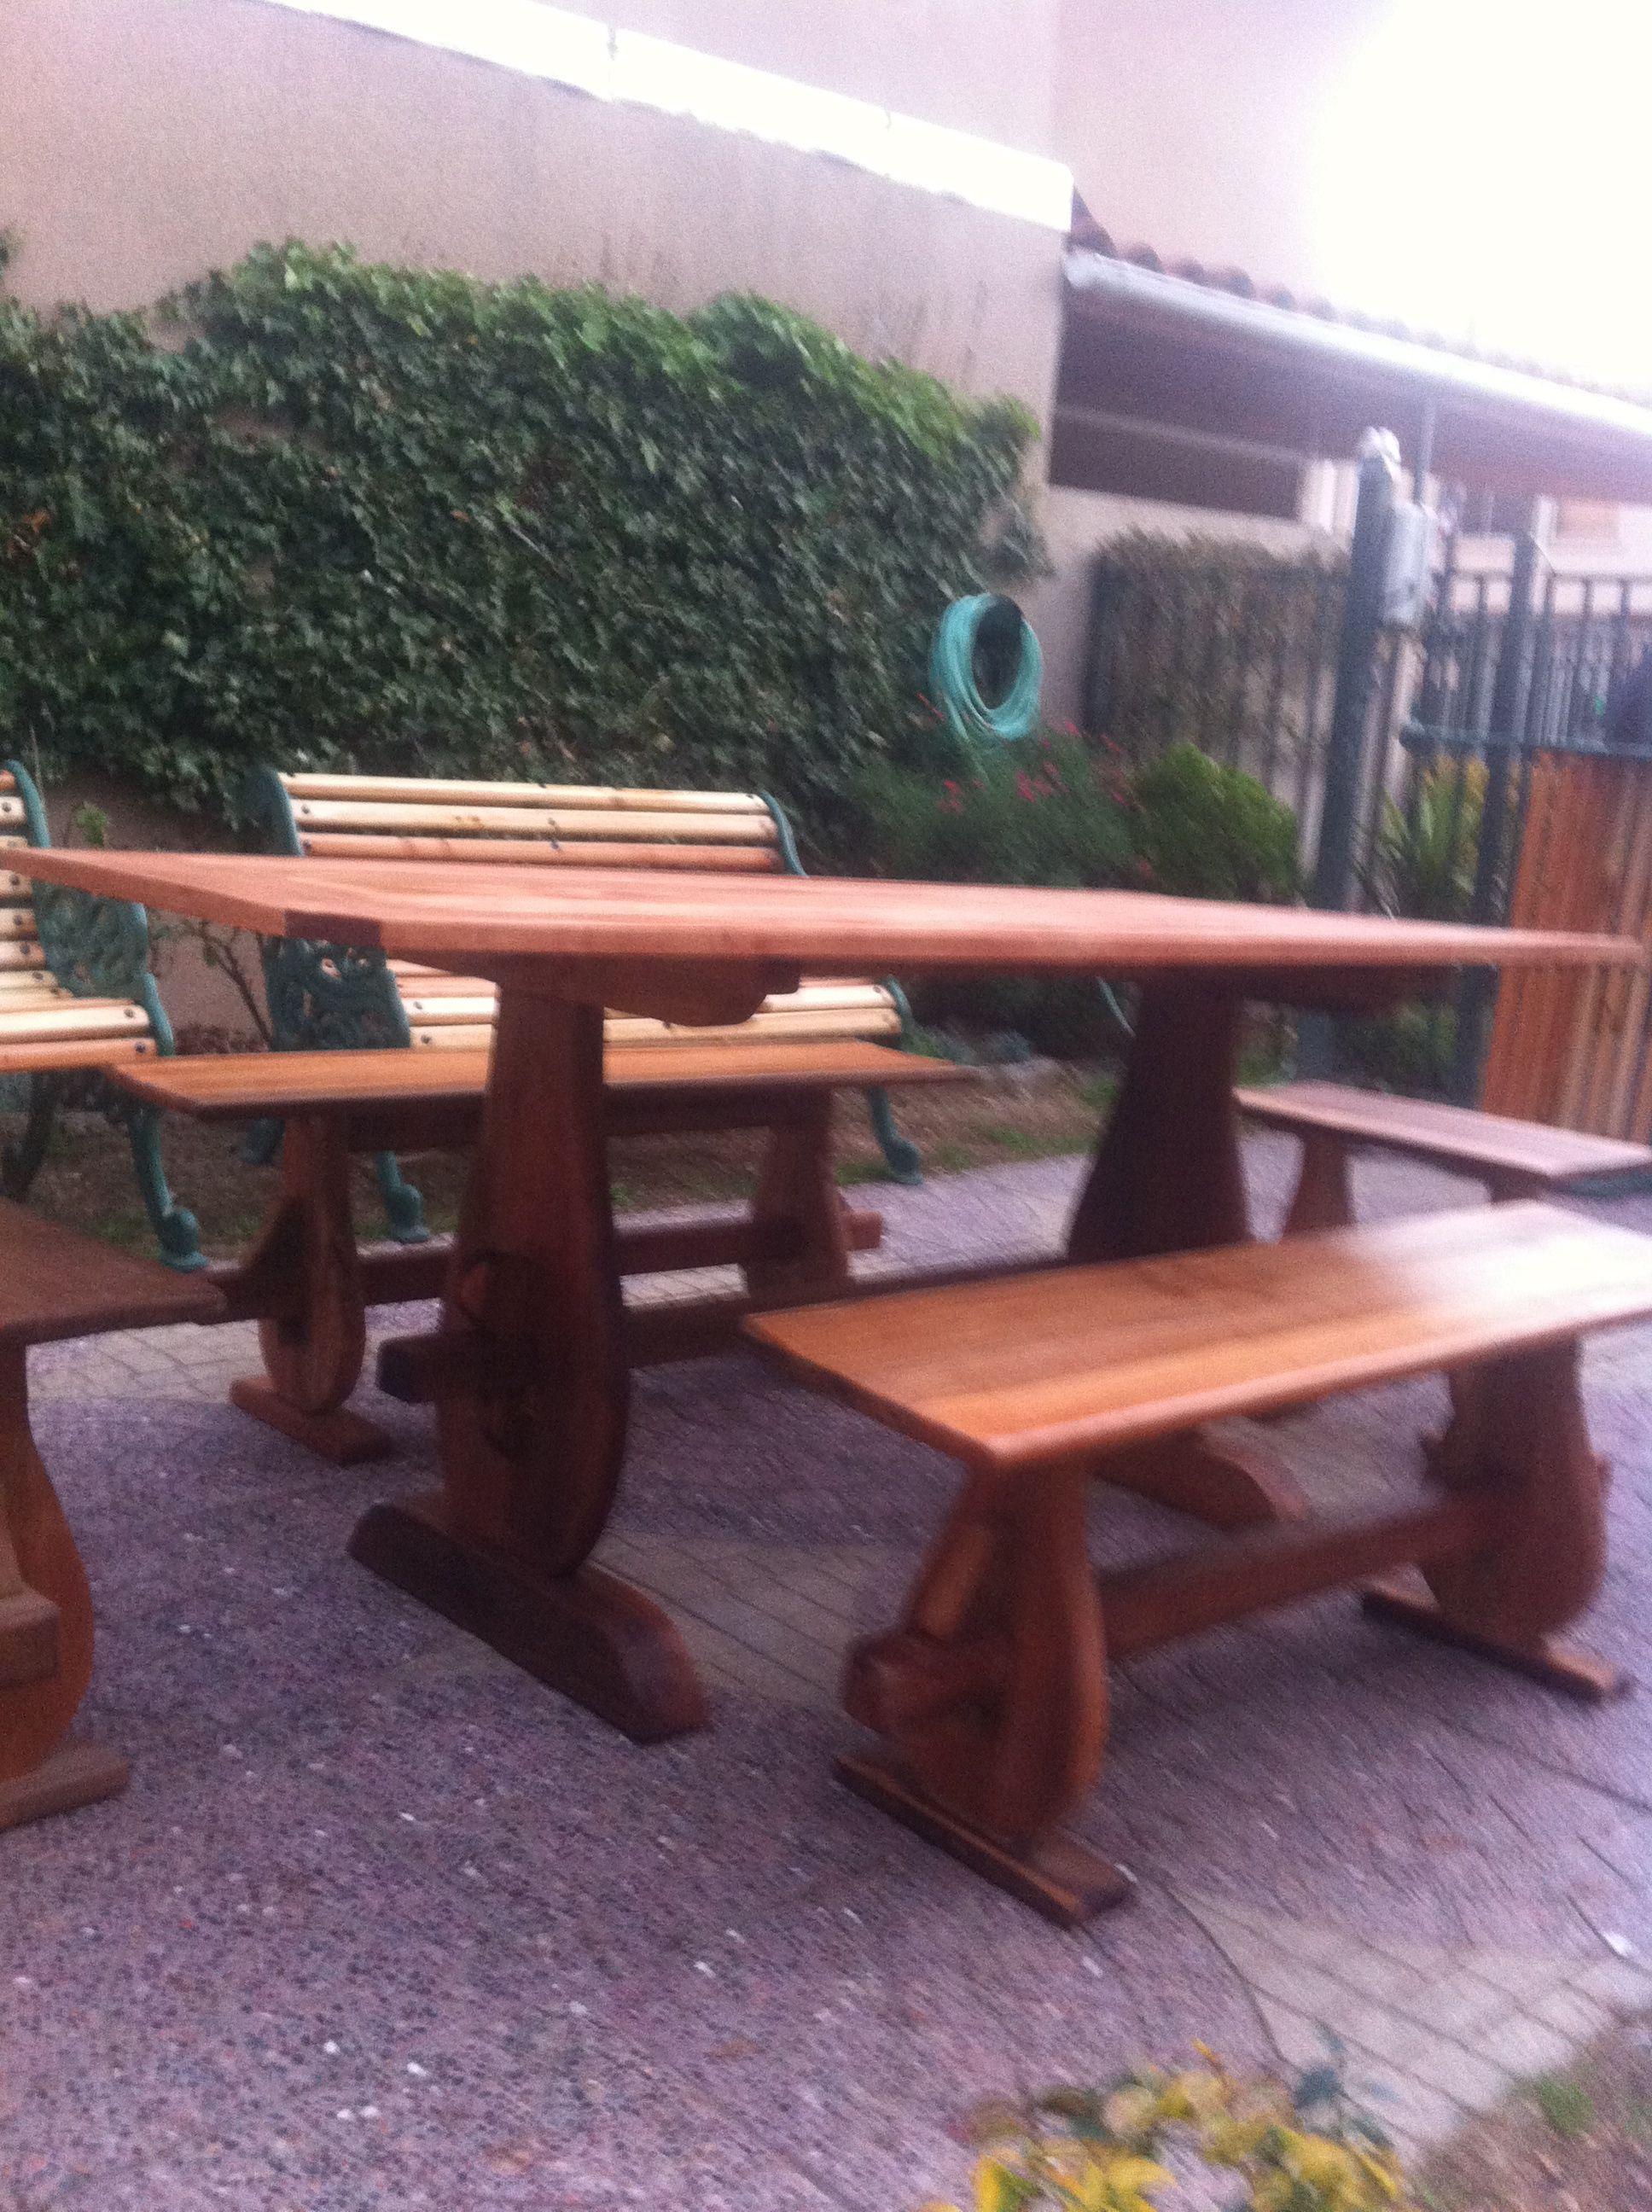 Mesa comedor terraza hecho en madera de roble for Juego comedor terraza madera